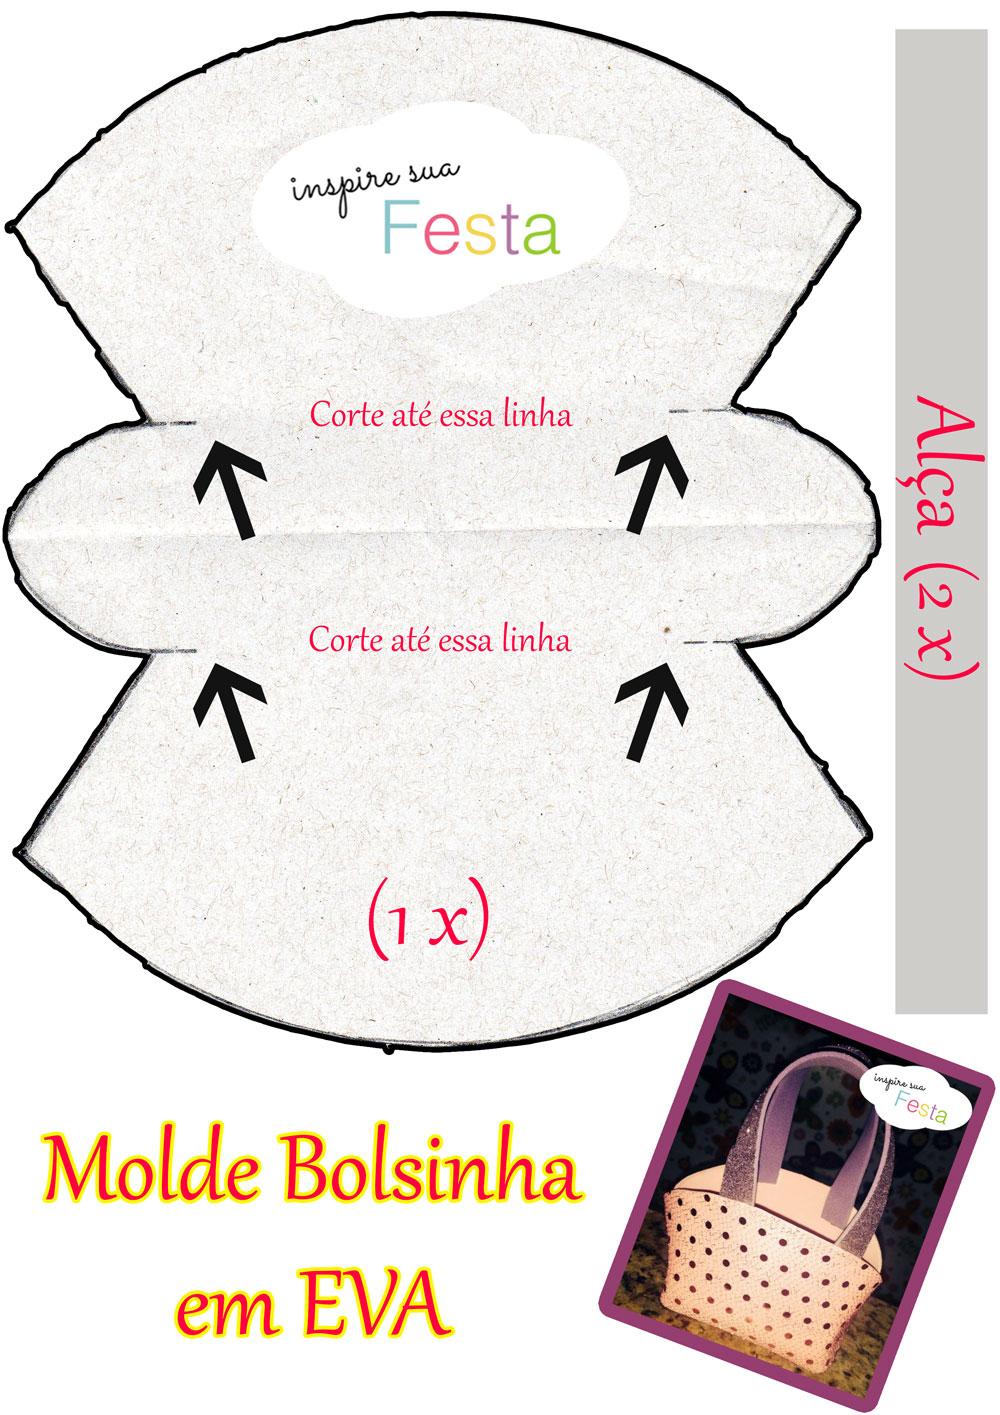 Molde-bolsinha-Recuperado1